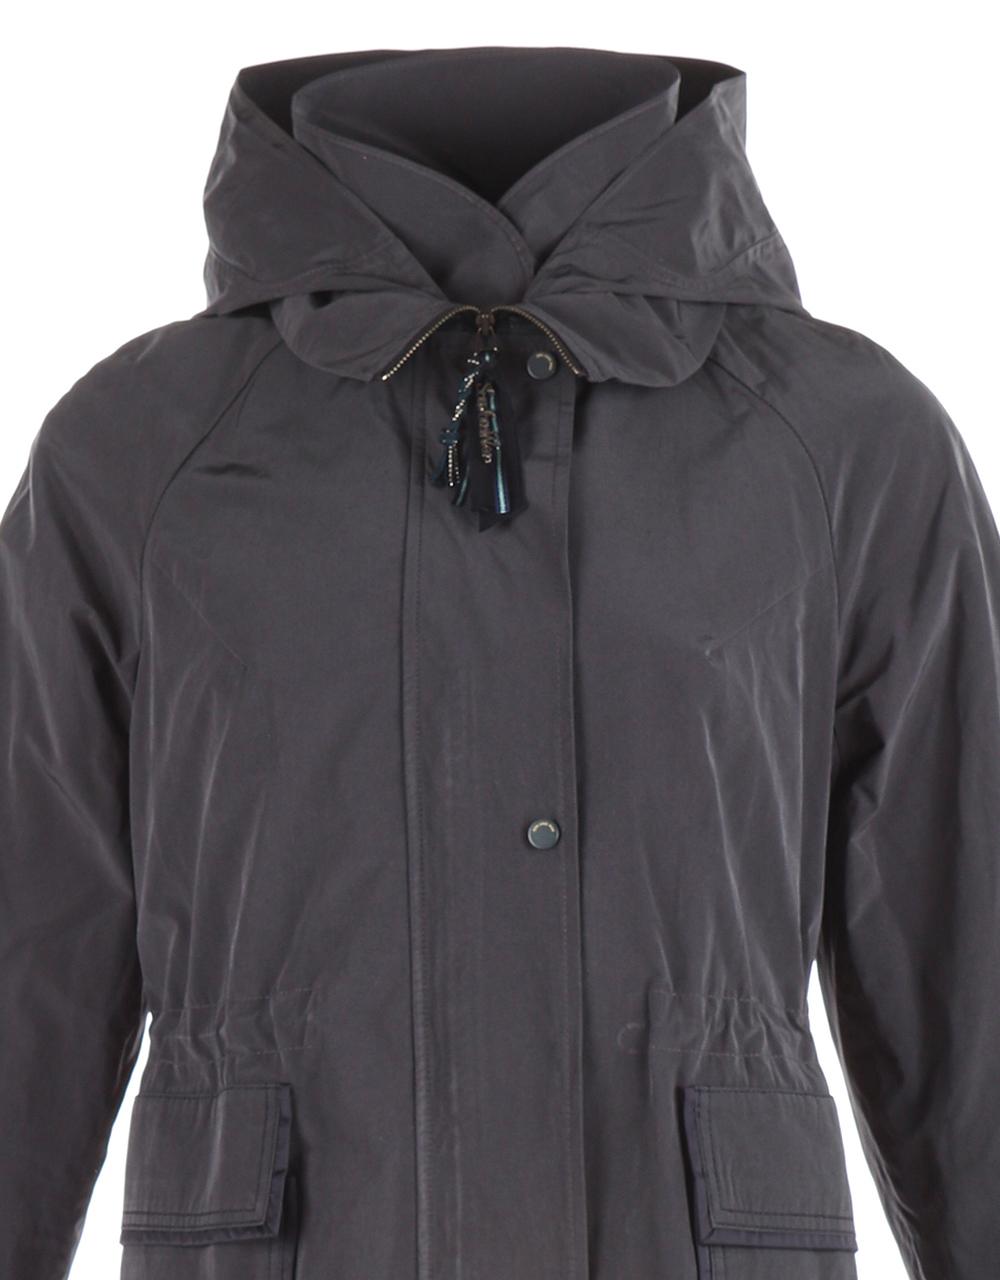 코트 상품상세 이미지-S2L29